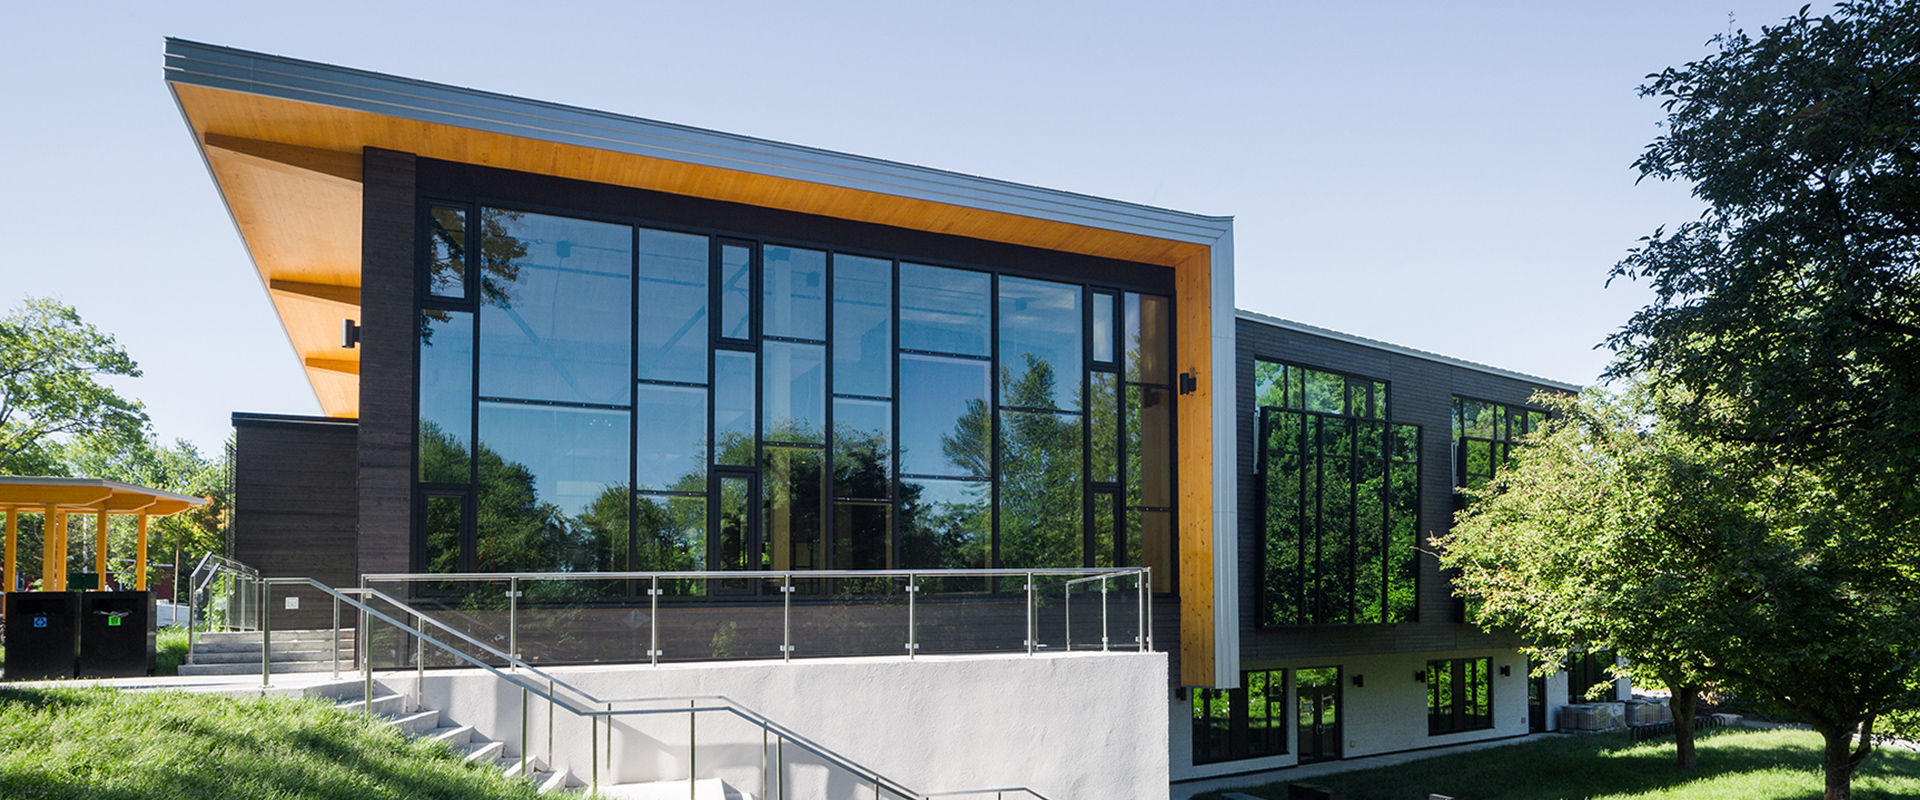 Rivière-des-Mille-Îles Park information centre